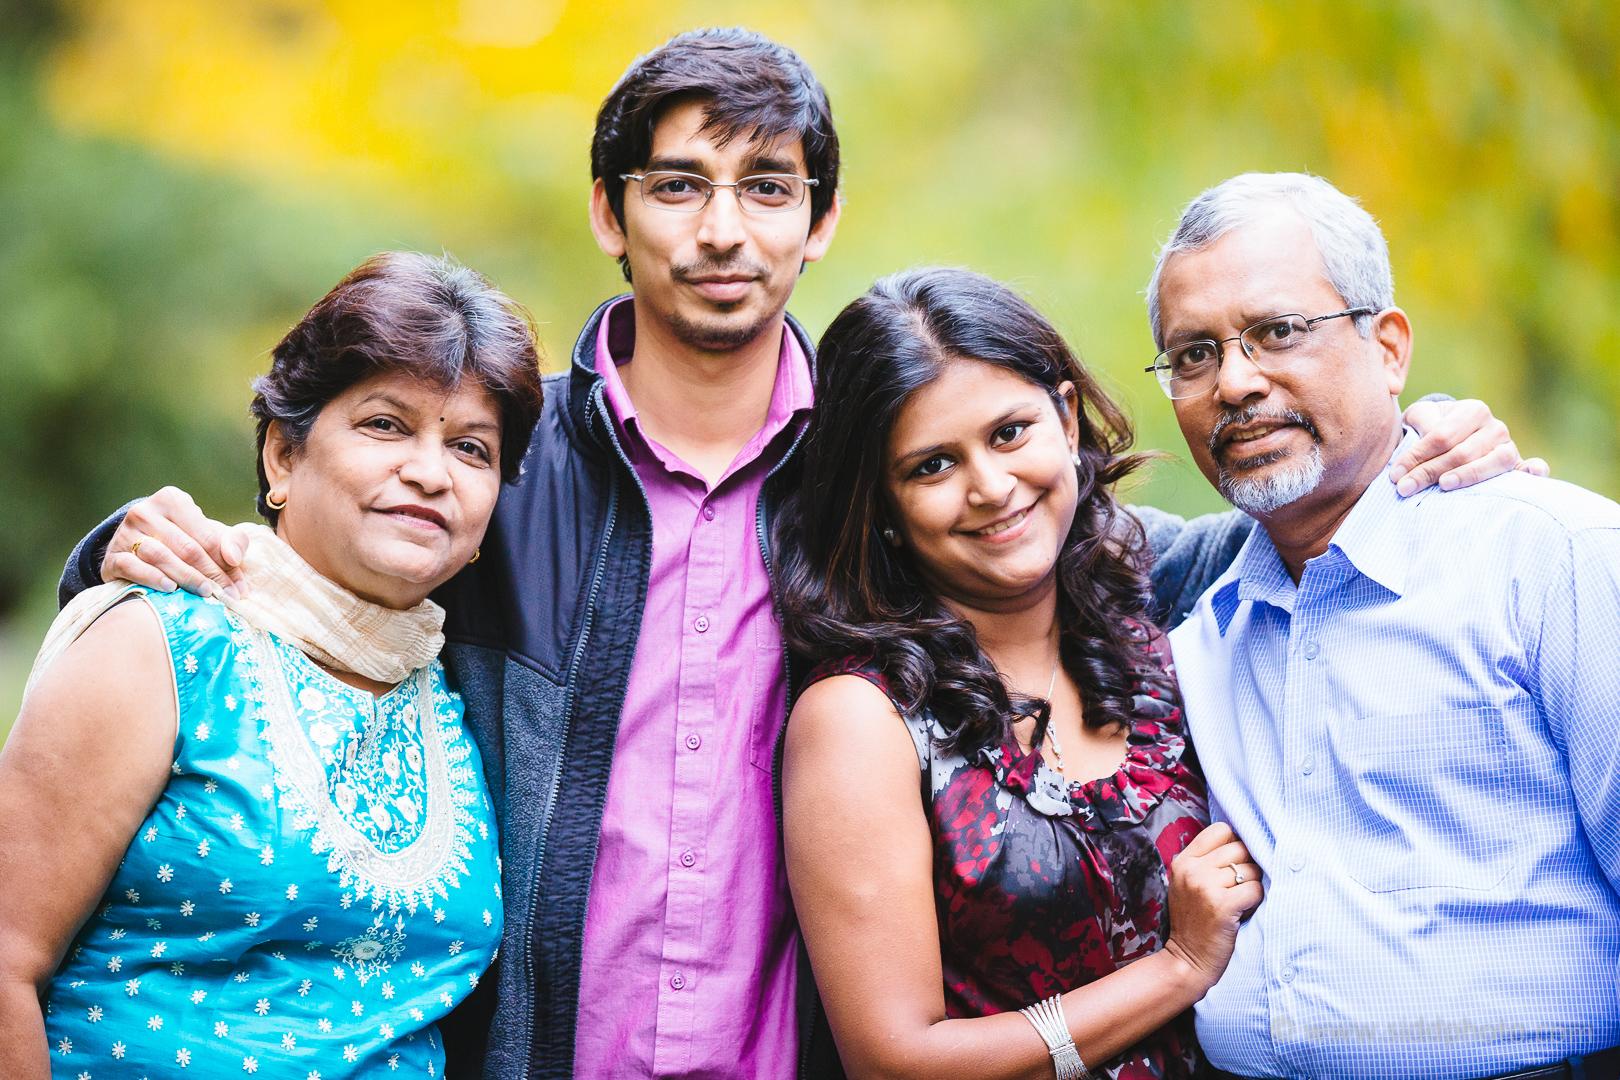 2014-10-24 - 2014-10-25 - Mugdha Aniruddha Family - _O5C7396